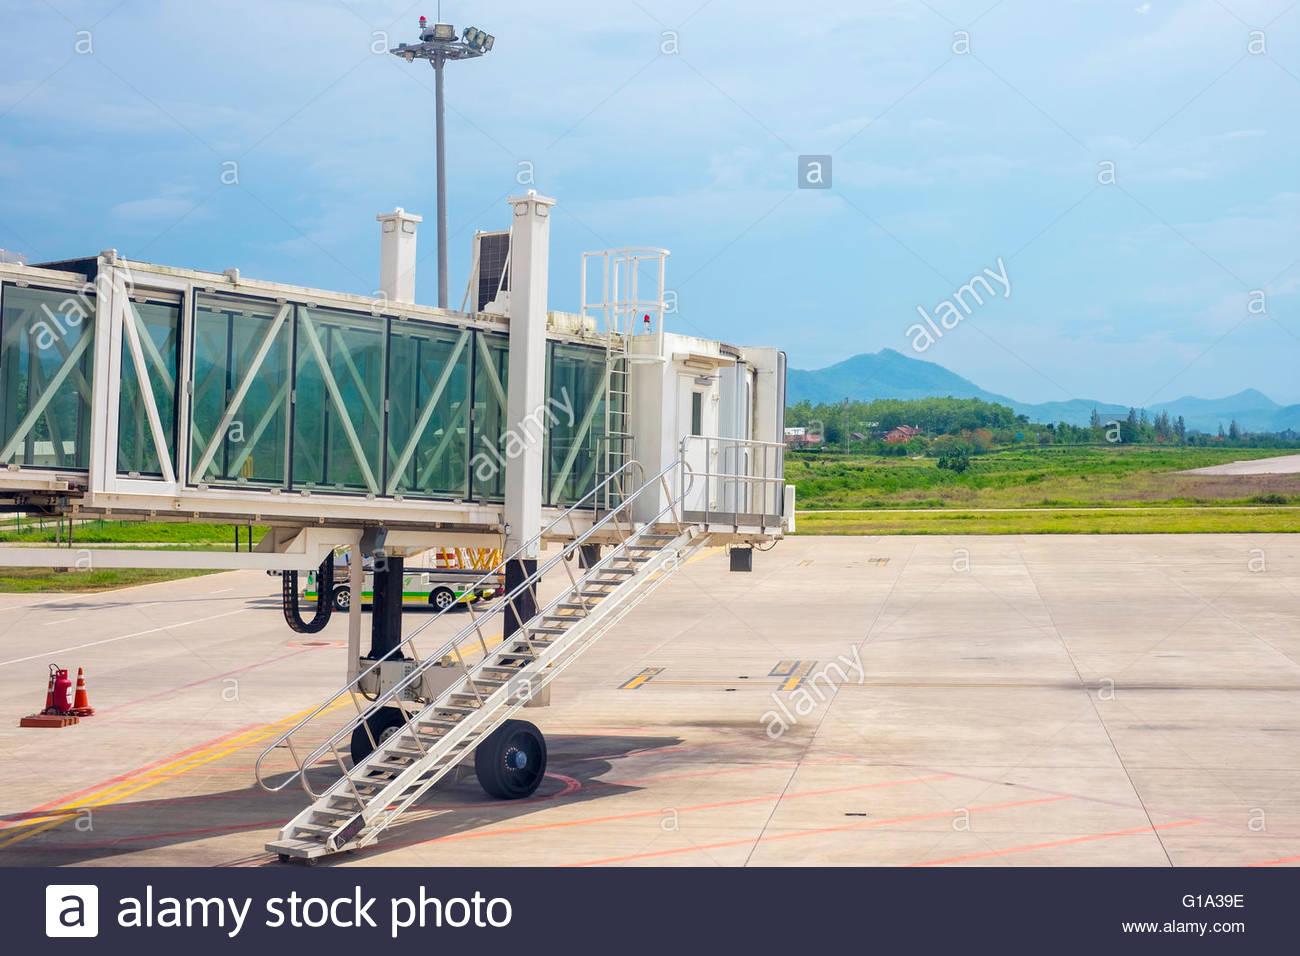 Gangway and tarmac at Luang Prabang Airport, Louangphabang Province, Laos - Stock Image